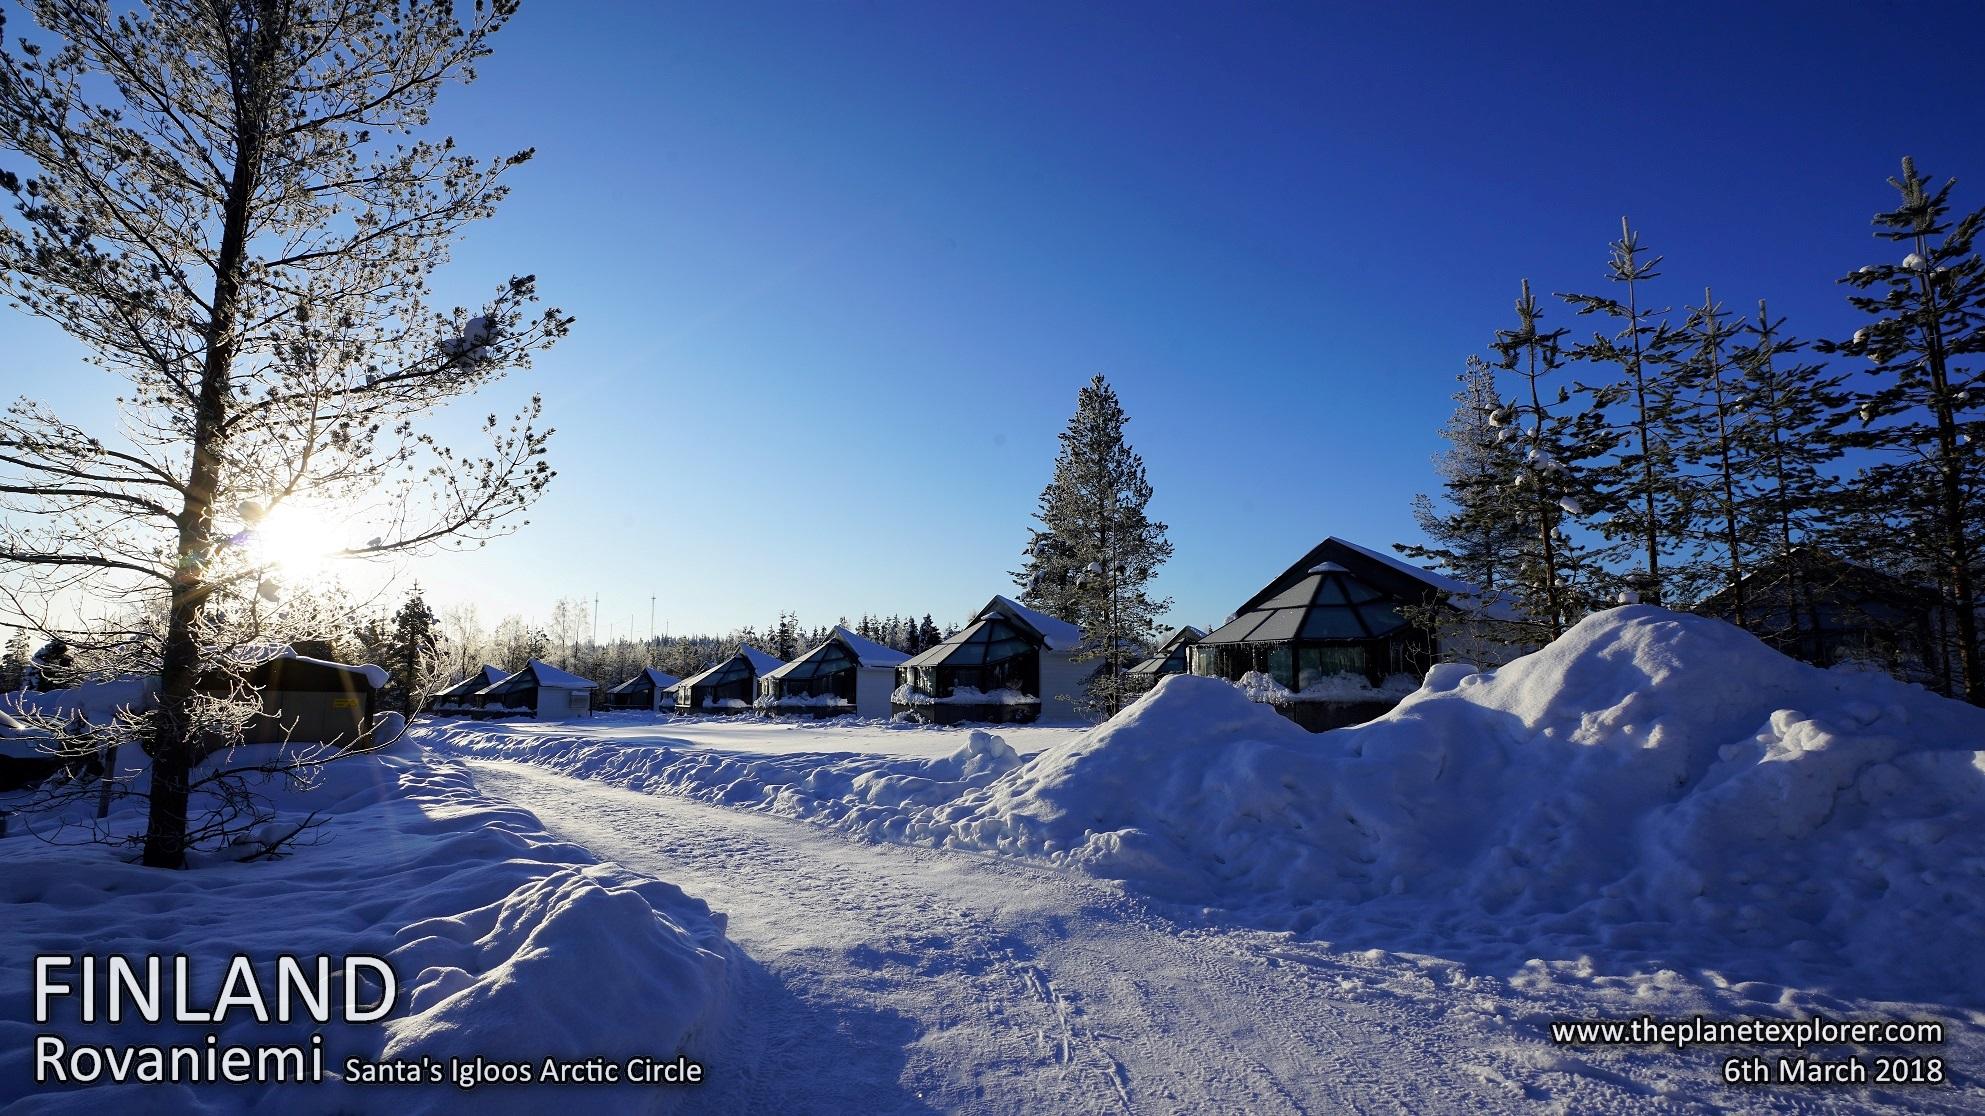 20180306_0838_Finland_Rovaniemi_Santa's Igloos Artic Circle_DSC09657_Sony a7R2_LR_@www